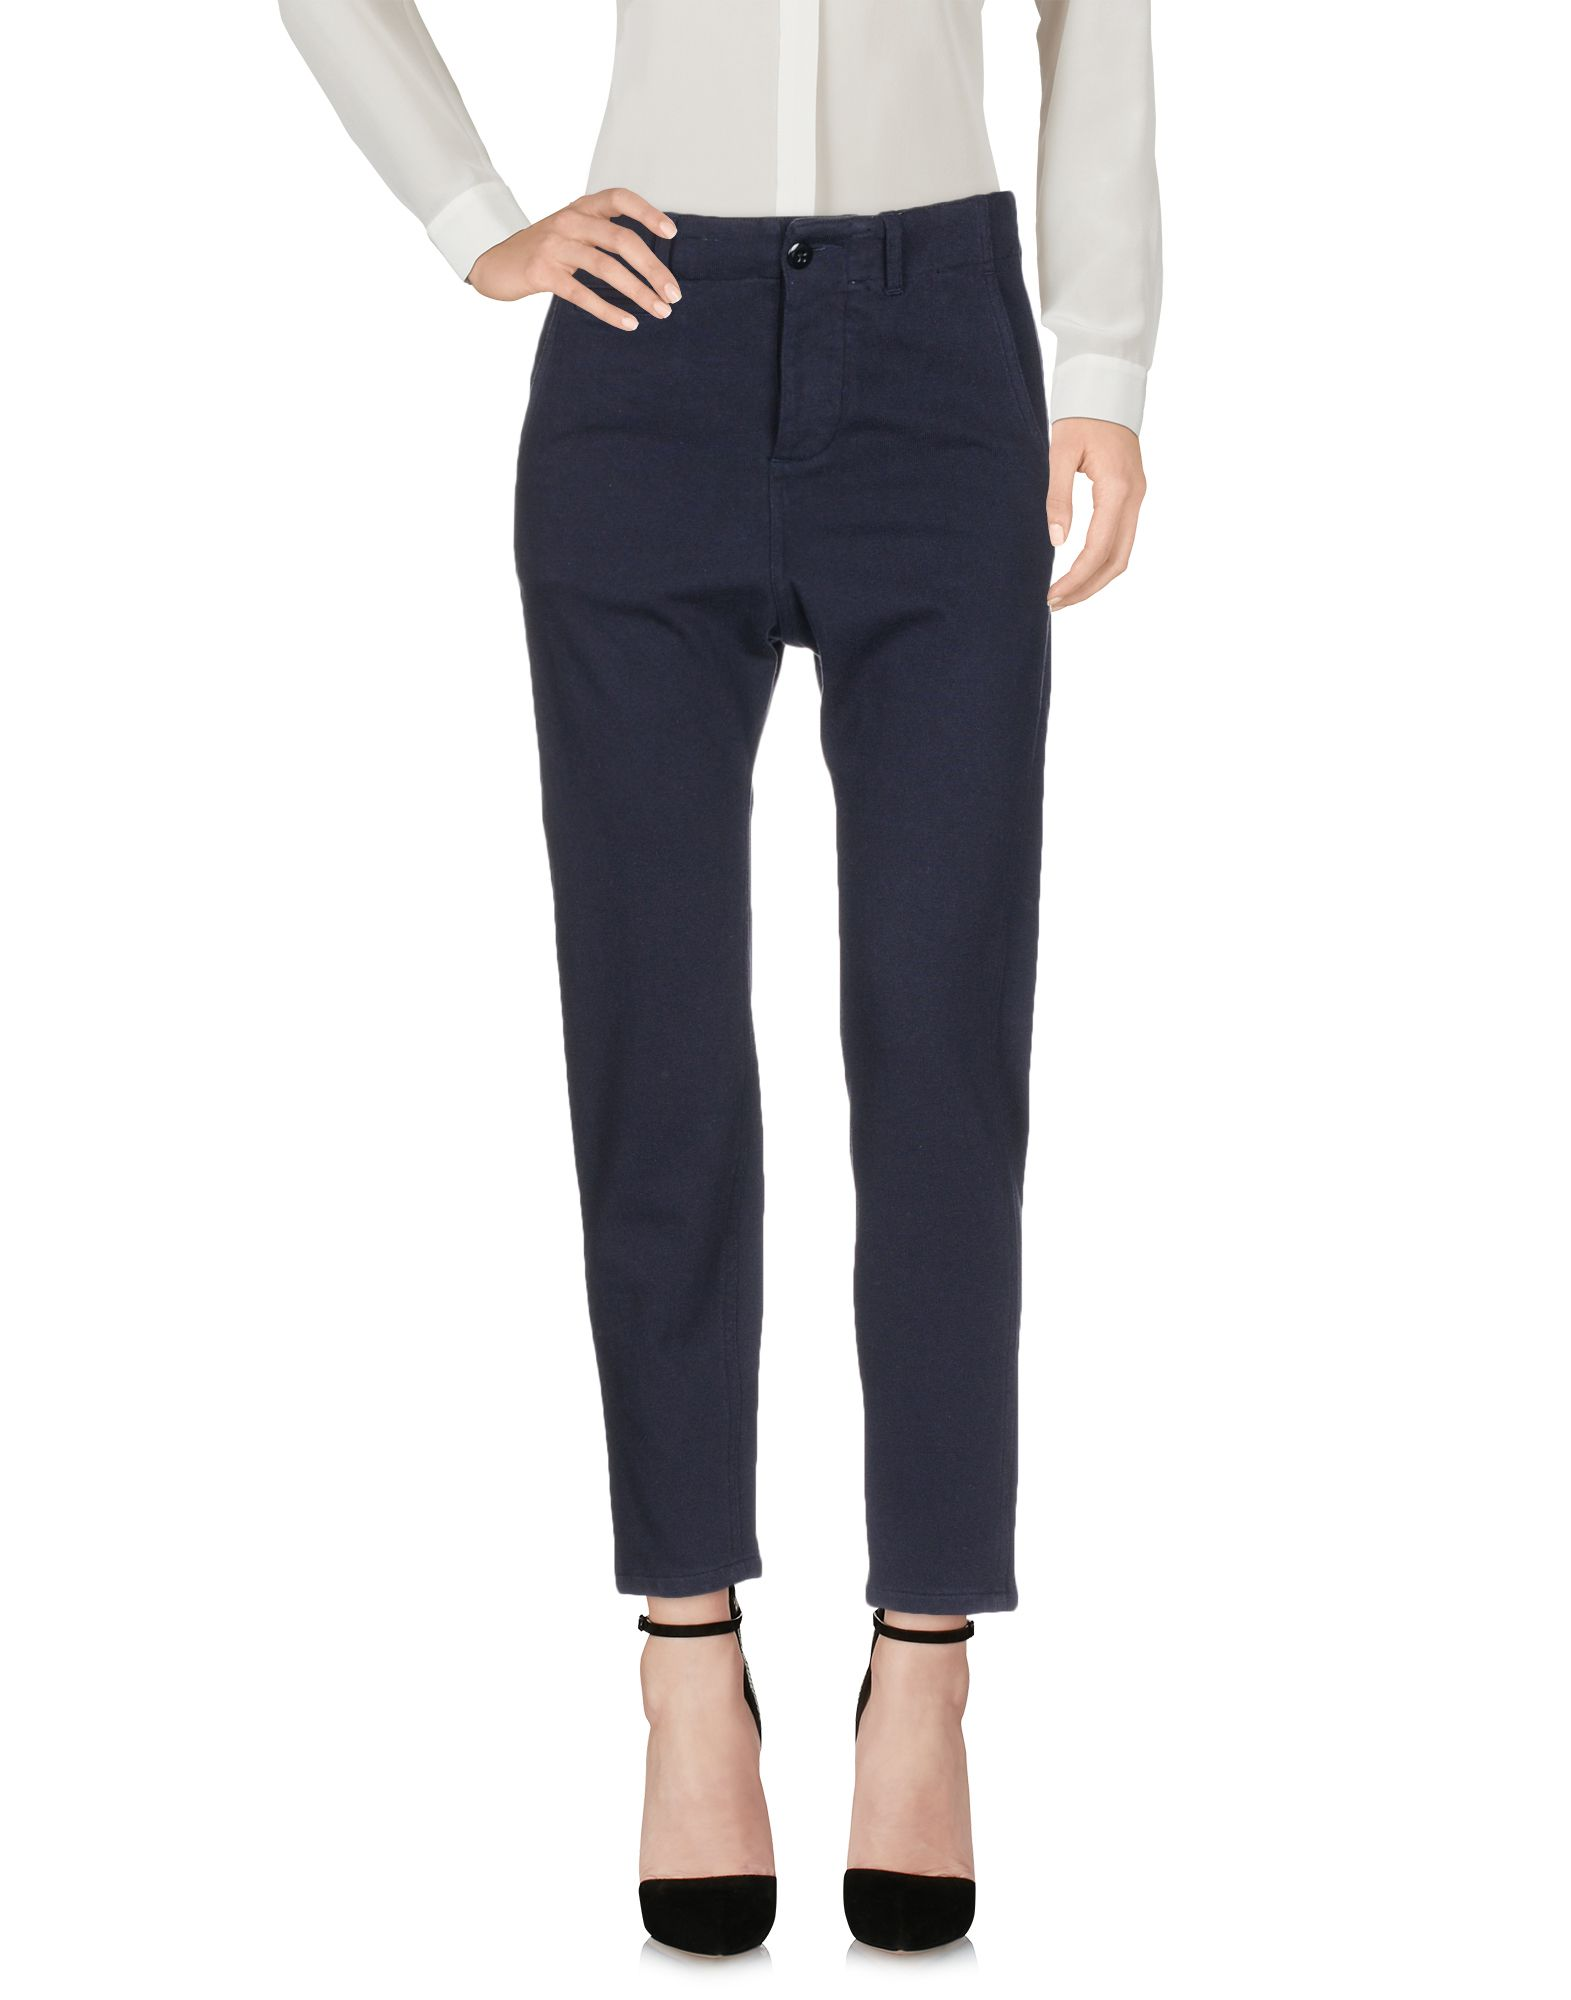 NLST Casual Pants in Dark Blue